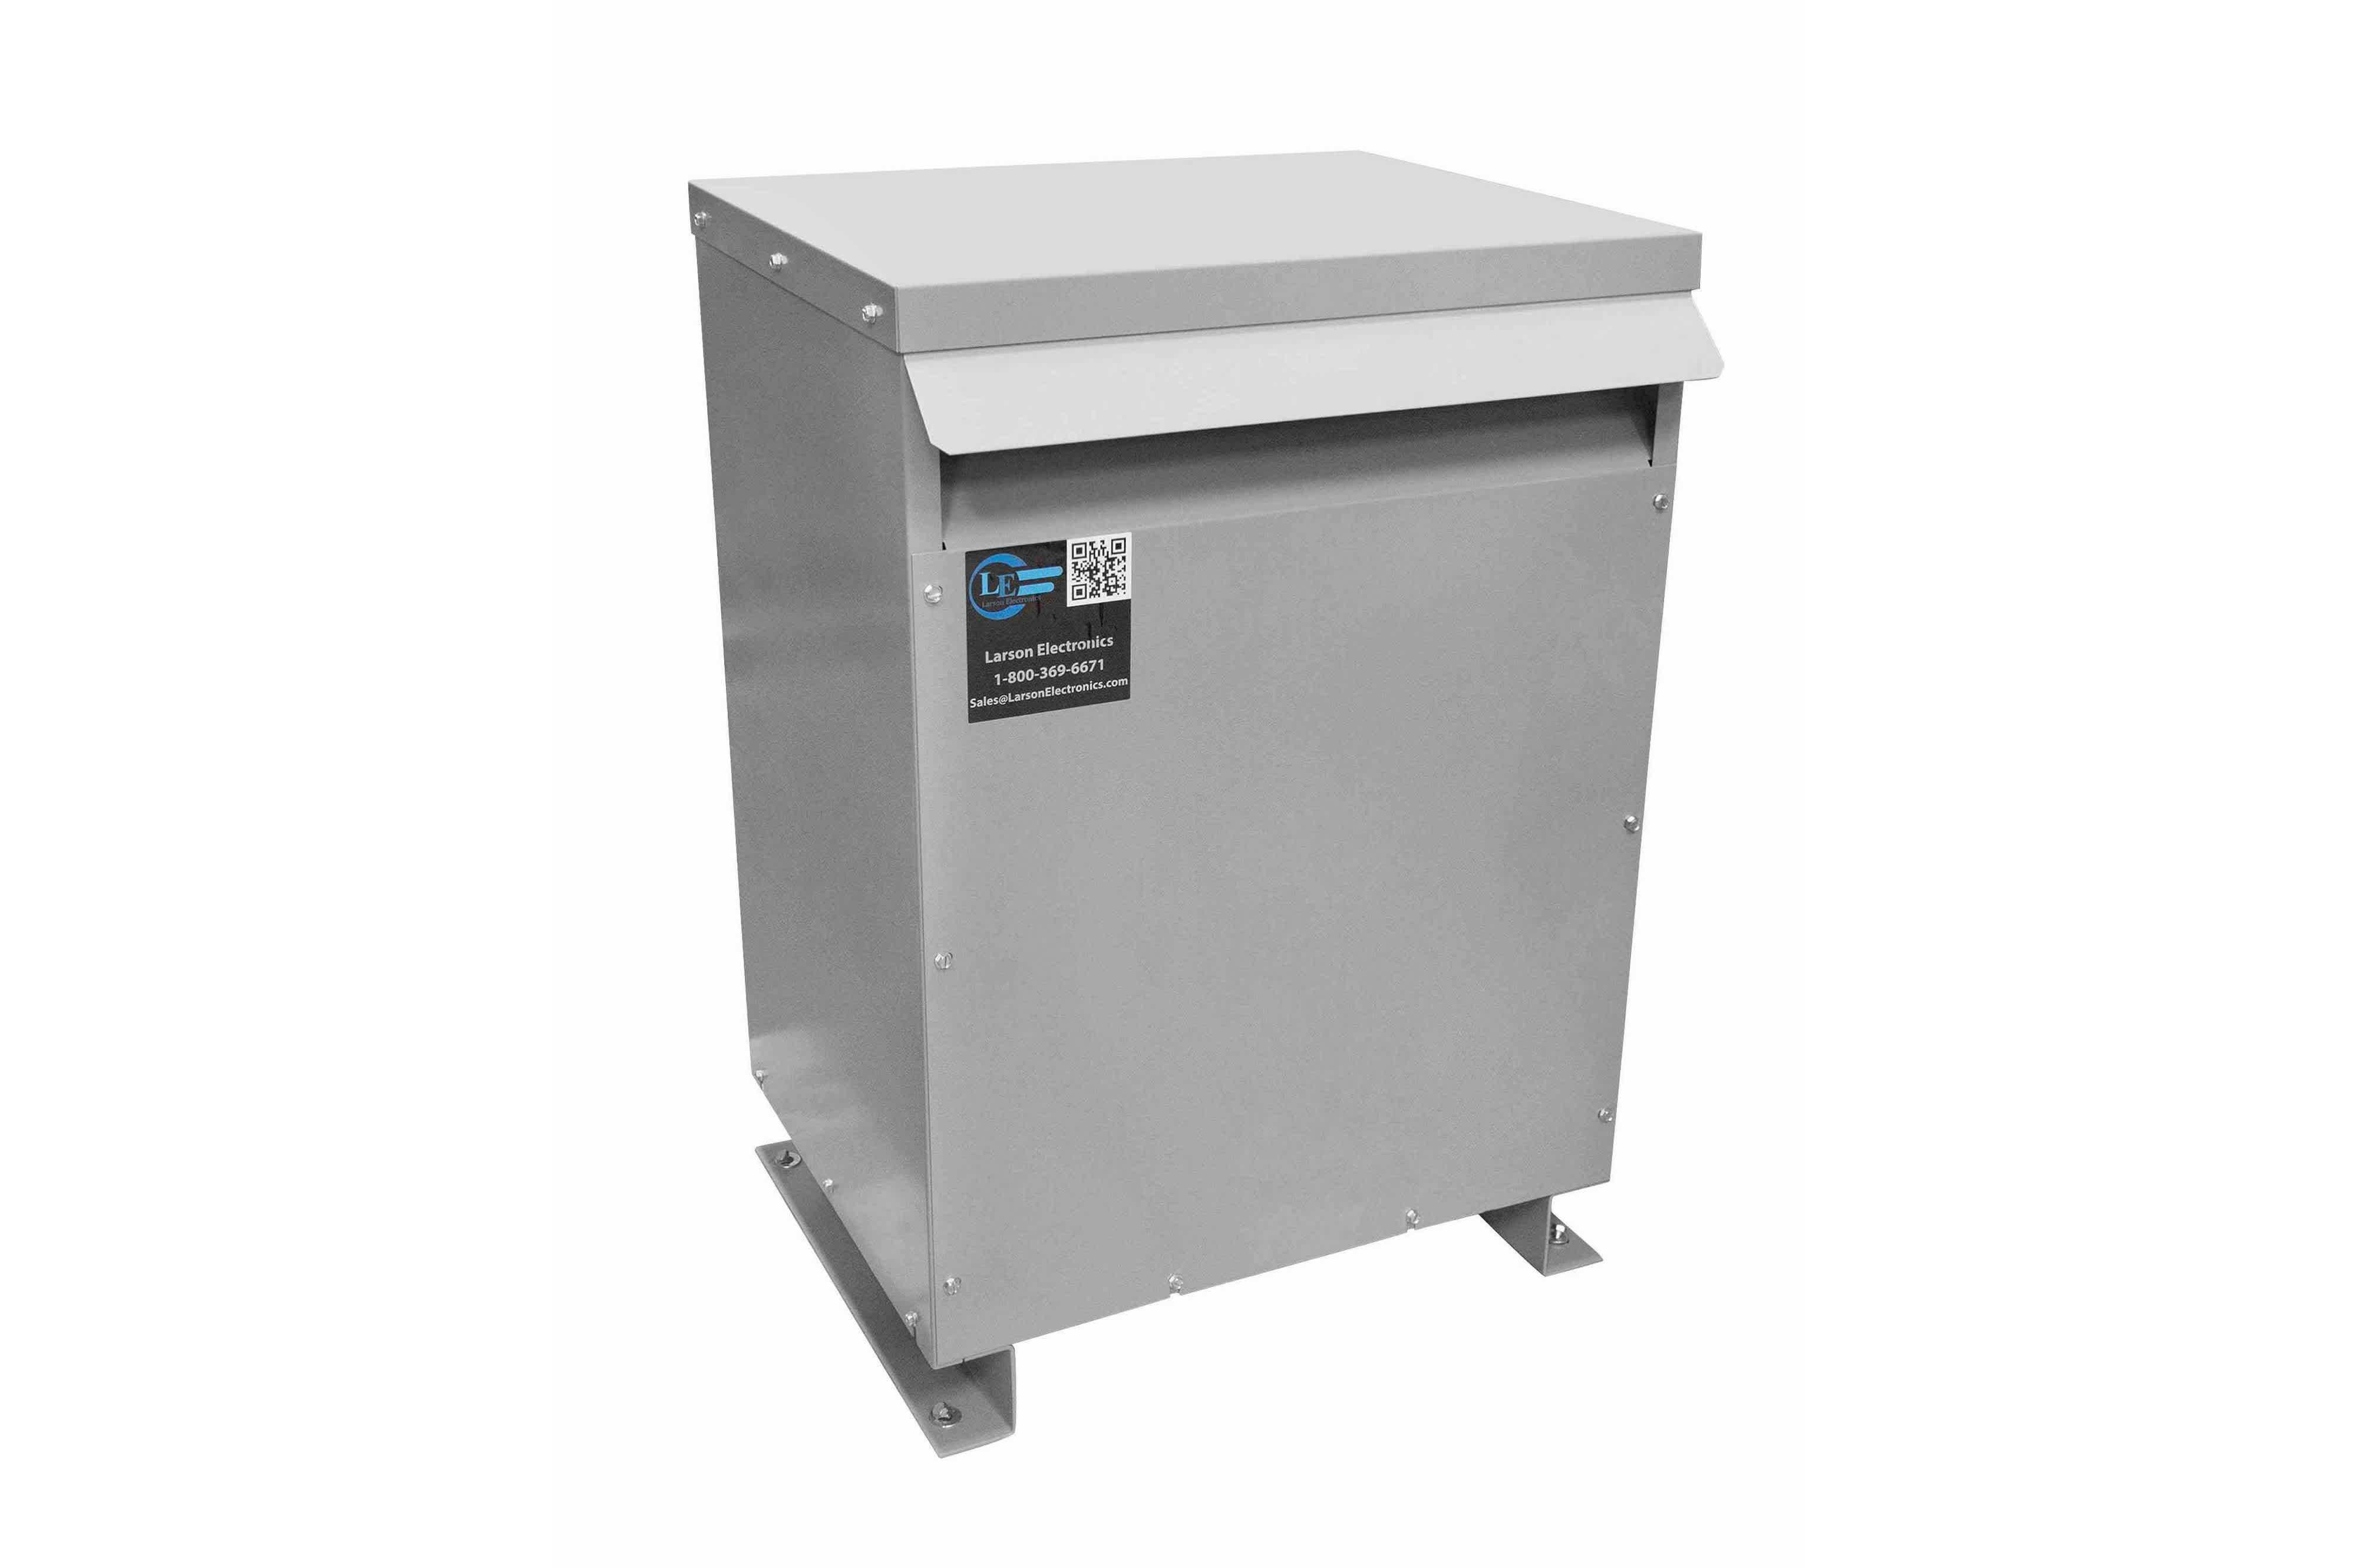 750 kVA 3PH Isolation Transformer, 208V Delta Primary, 480V Delta Secondary, N3R, Ventilated, 60 Hz